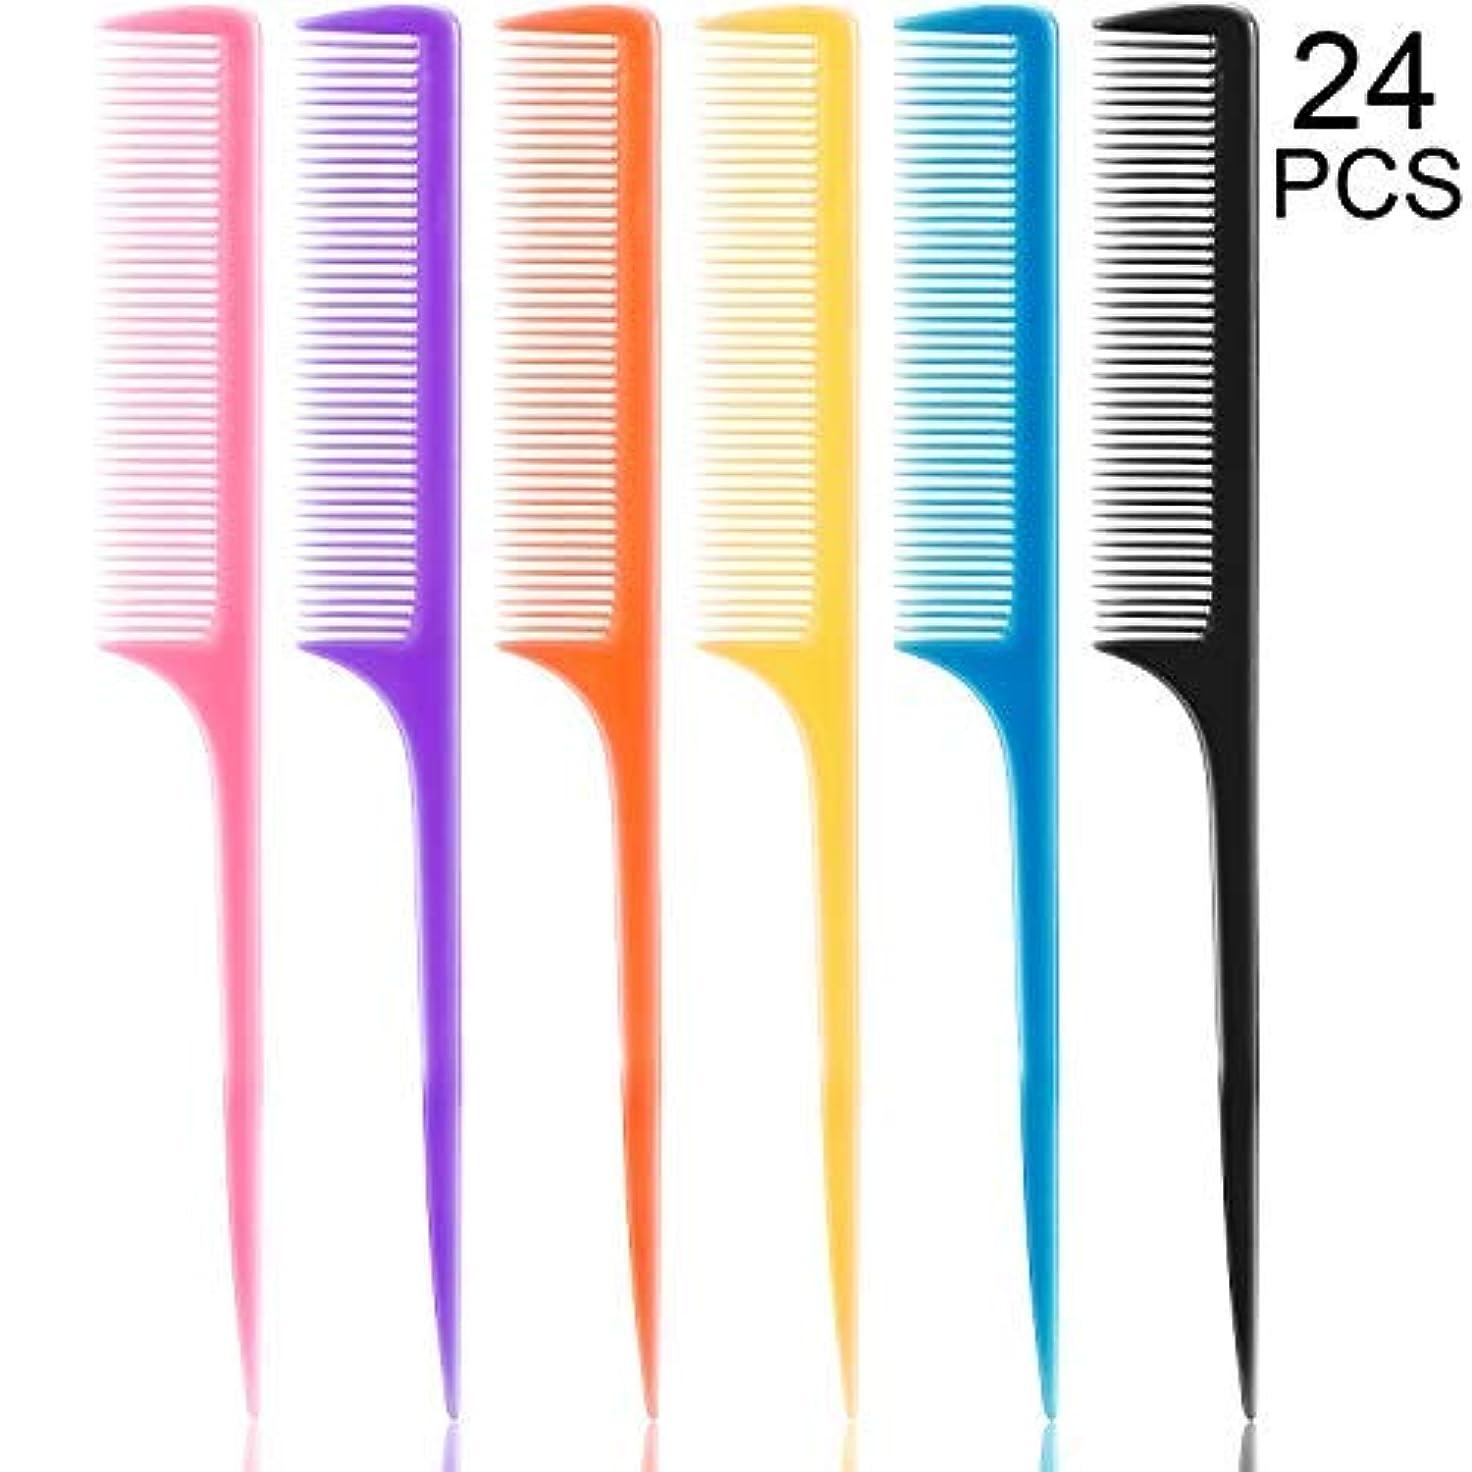 けん引ピラミッドカレンダー24 Pieces Plastic Rat Tail Combs 8.5 Inch Fine-tooth Hair Combs Pin Tail Hair Styling Combs with Thin and Long...